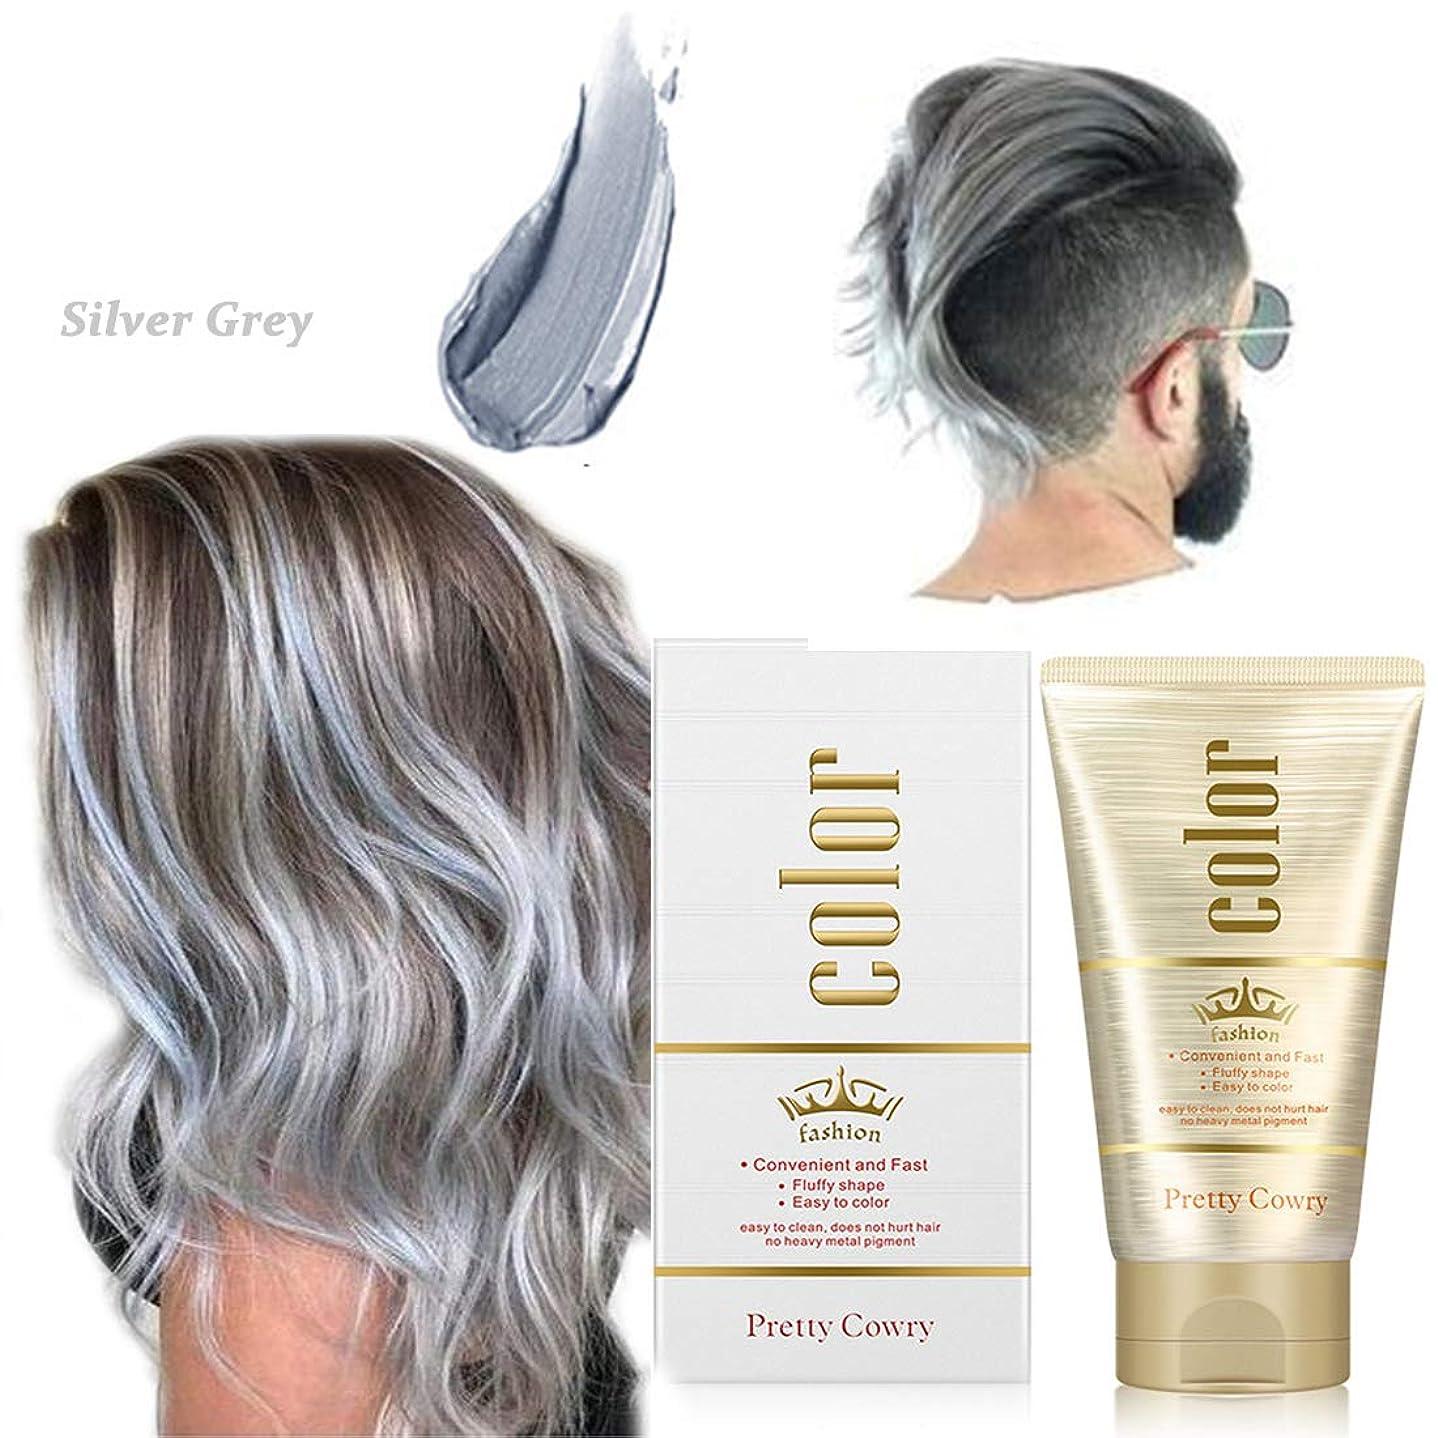 アソシエイトの面ではあざ染めヘアワックス、ワンタイムカラースタイリング、スタイリングカラーヘアワックス、ユニセックス9色、diyヘアカラーヘアパーティー、ロールプレイング (Sliver grey)